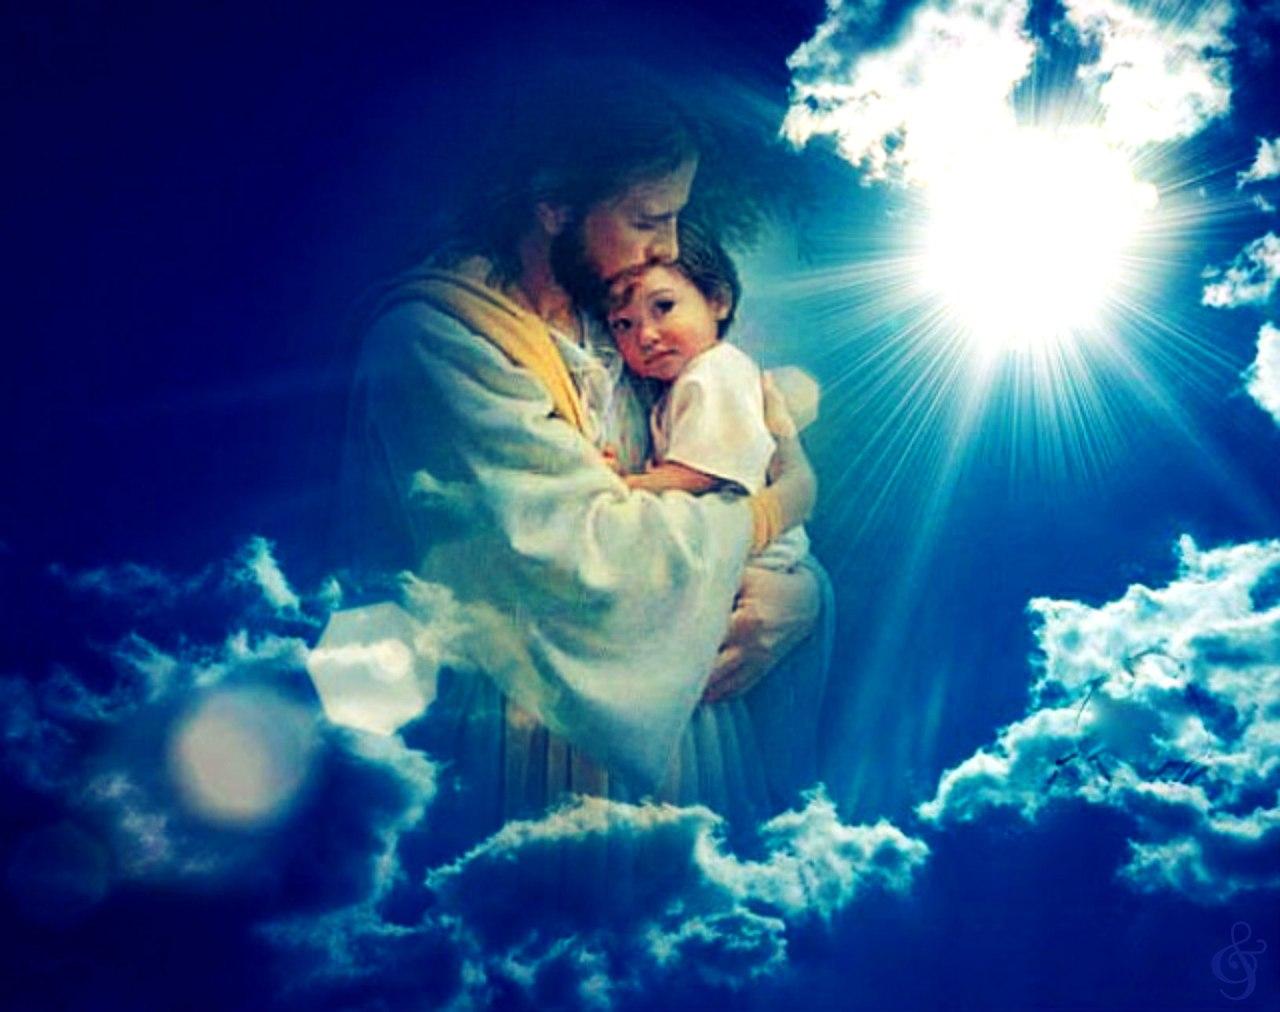 дориану картинки малышей и бога развивается любом возрасте